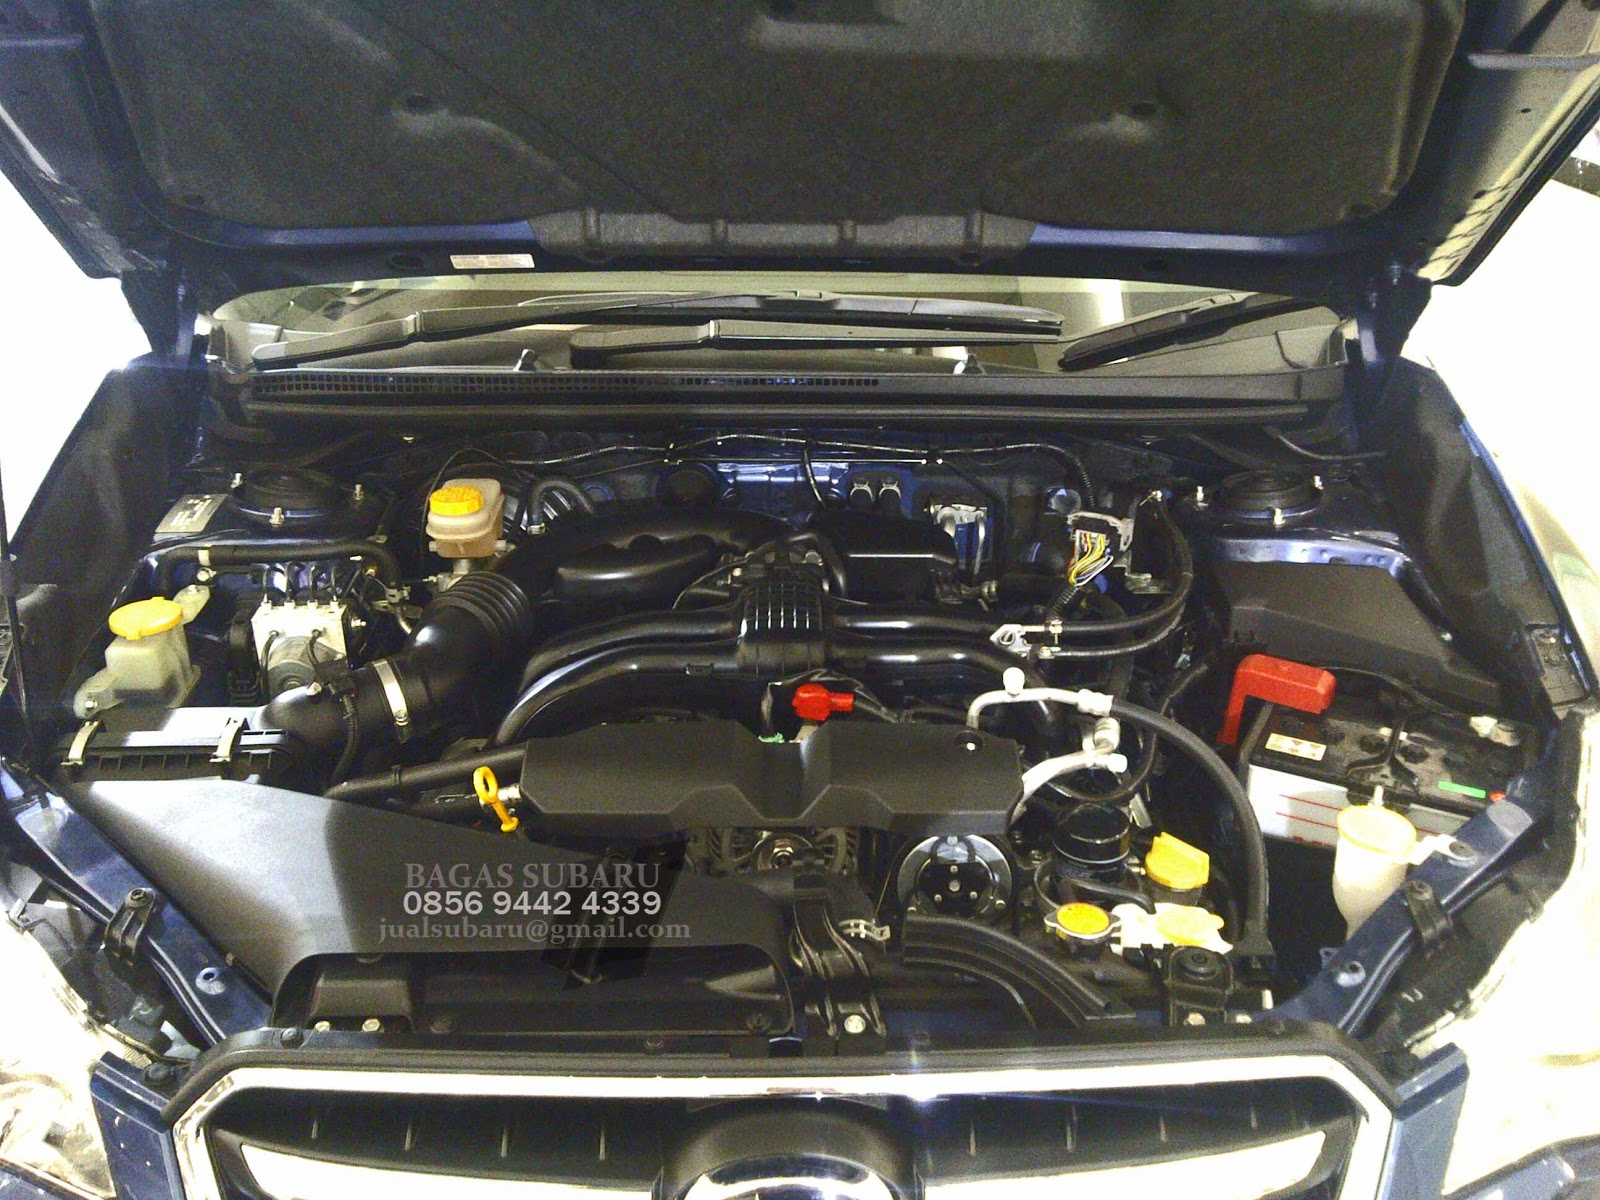 Subaru Jakarta Indonesia: Subaru XV Siap dipesan lho